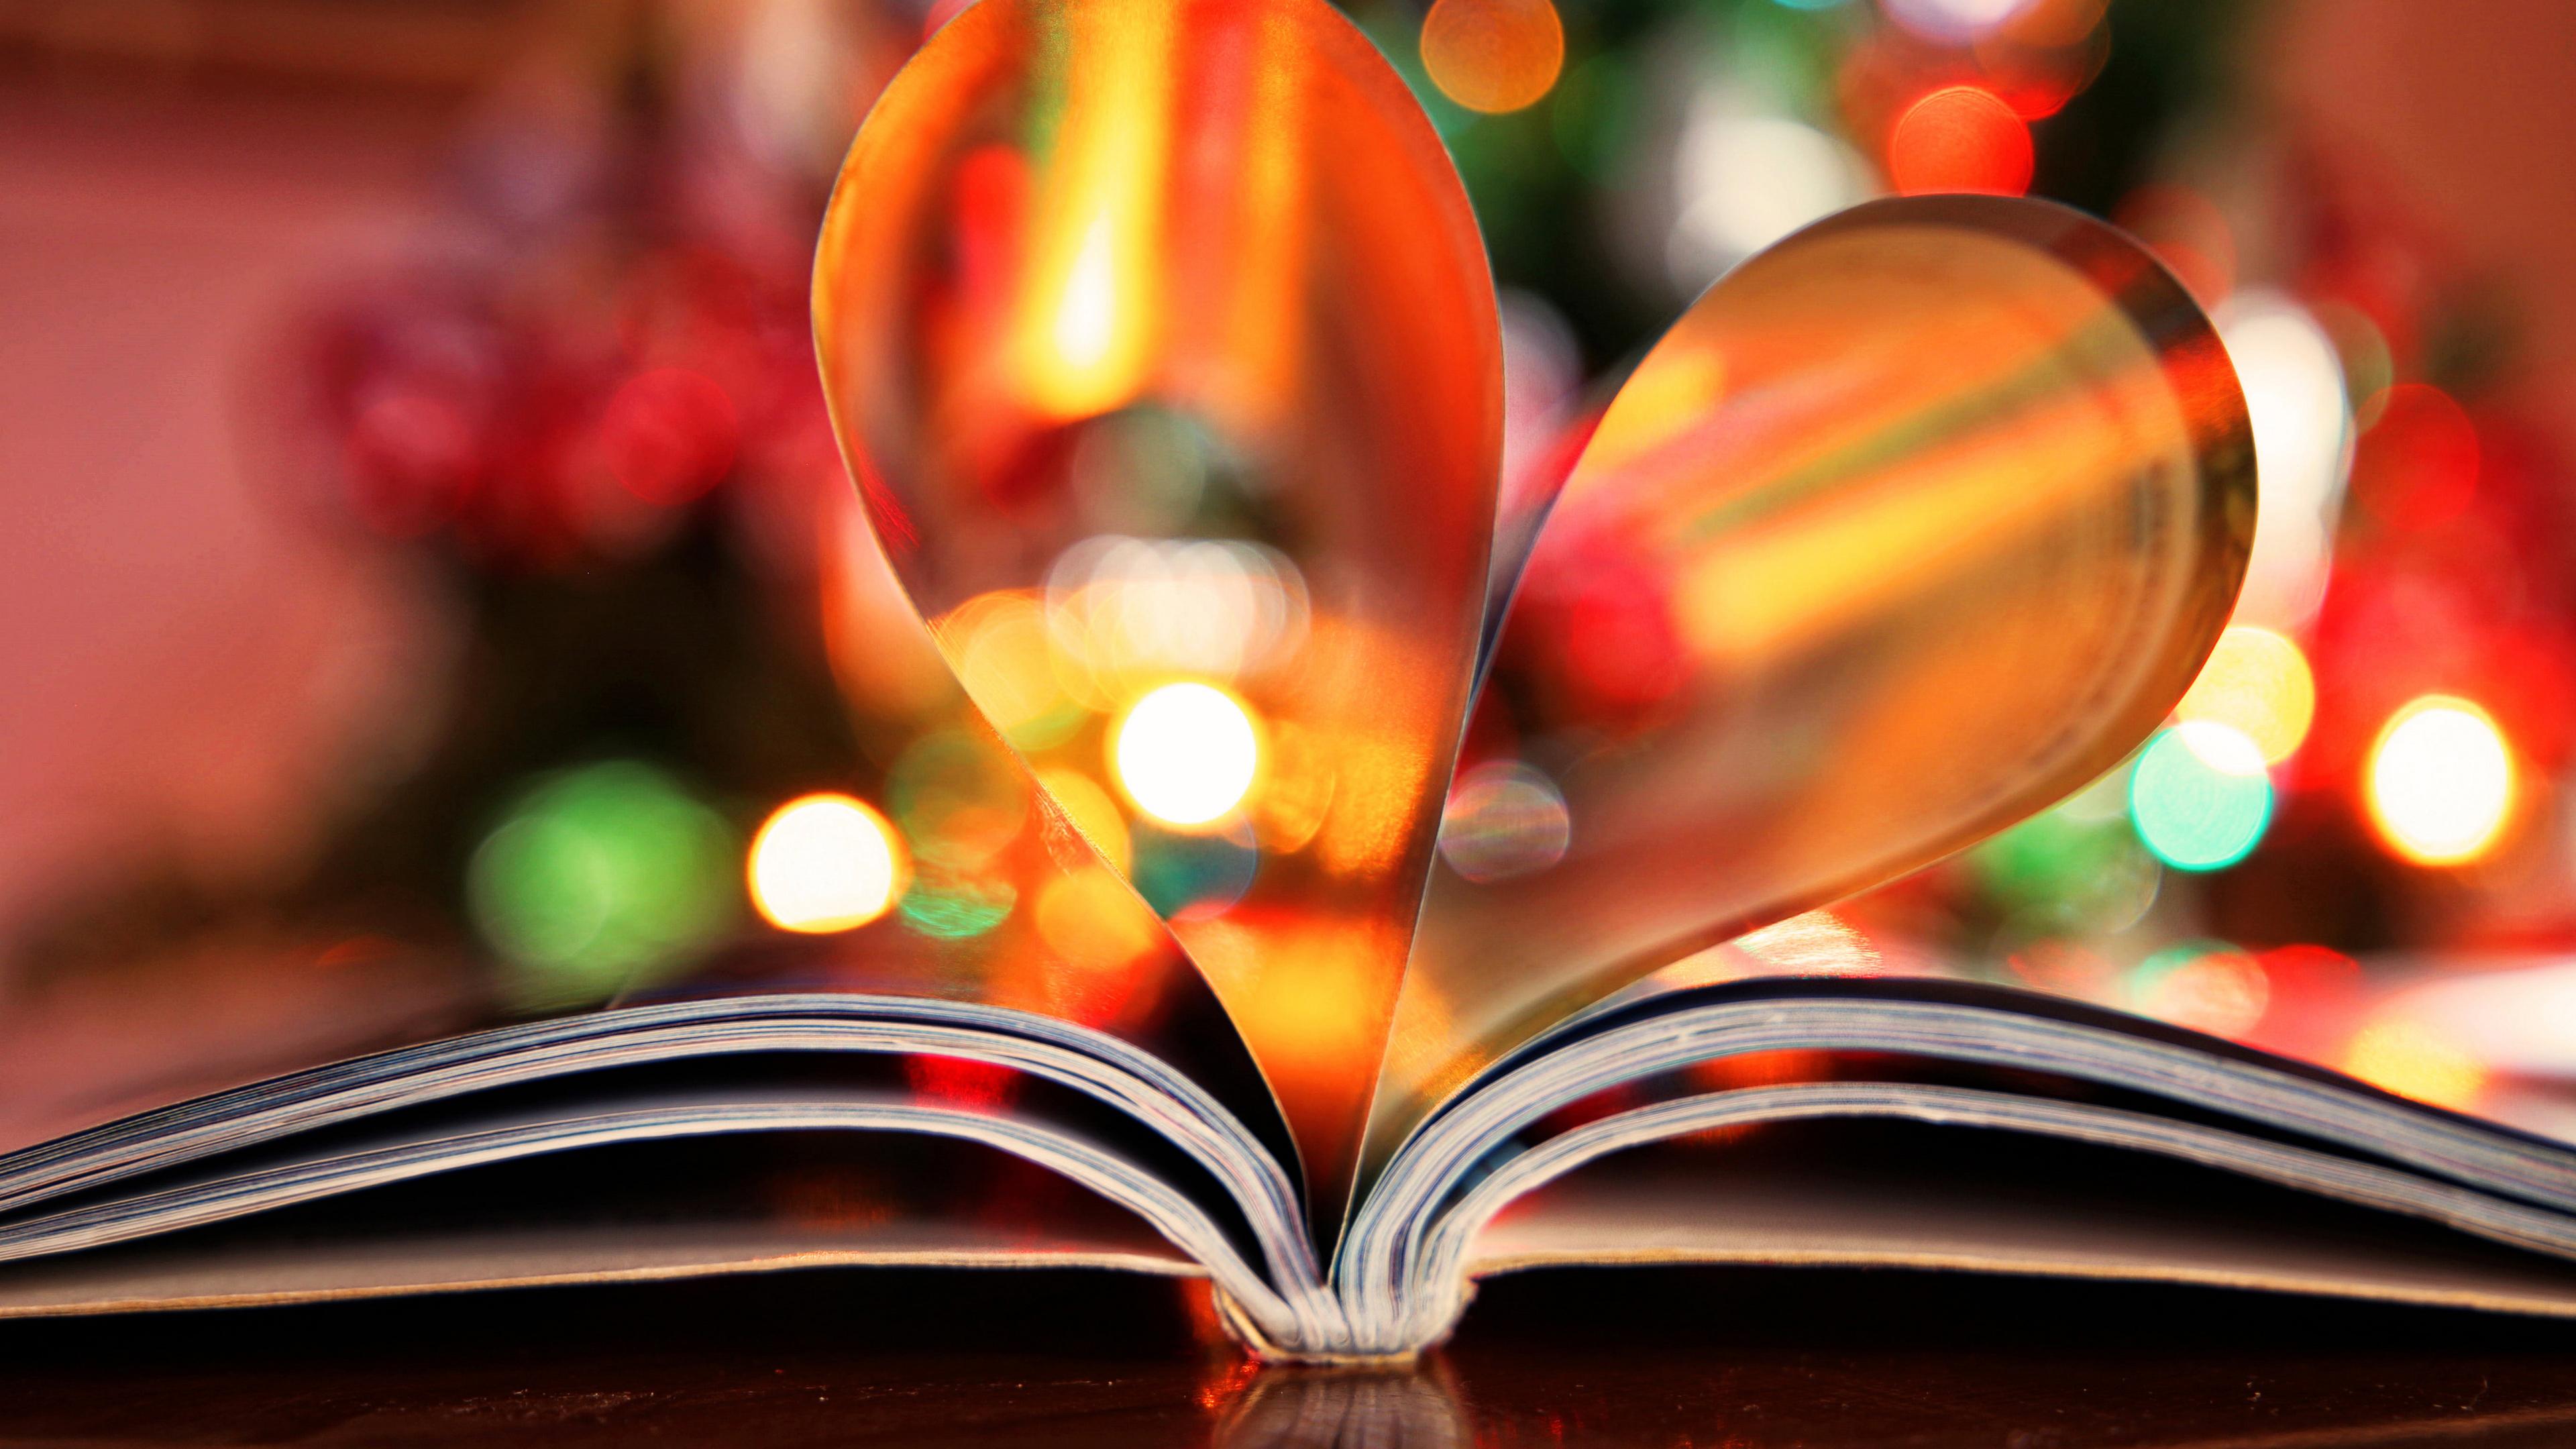 Книга с сердечком